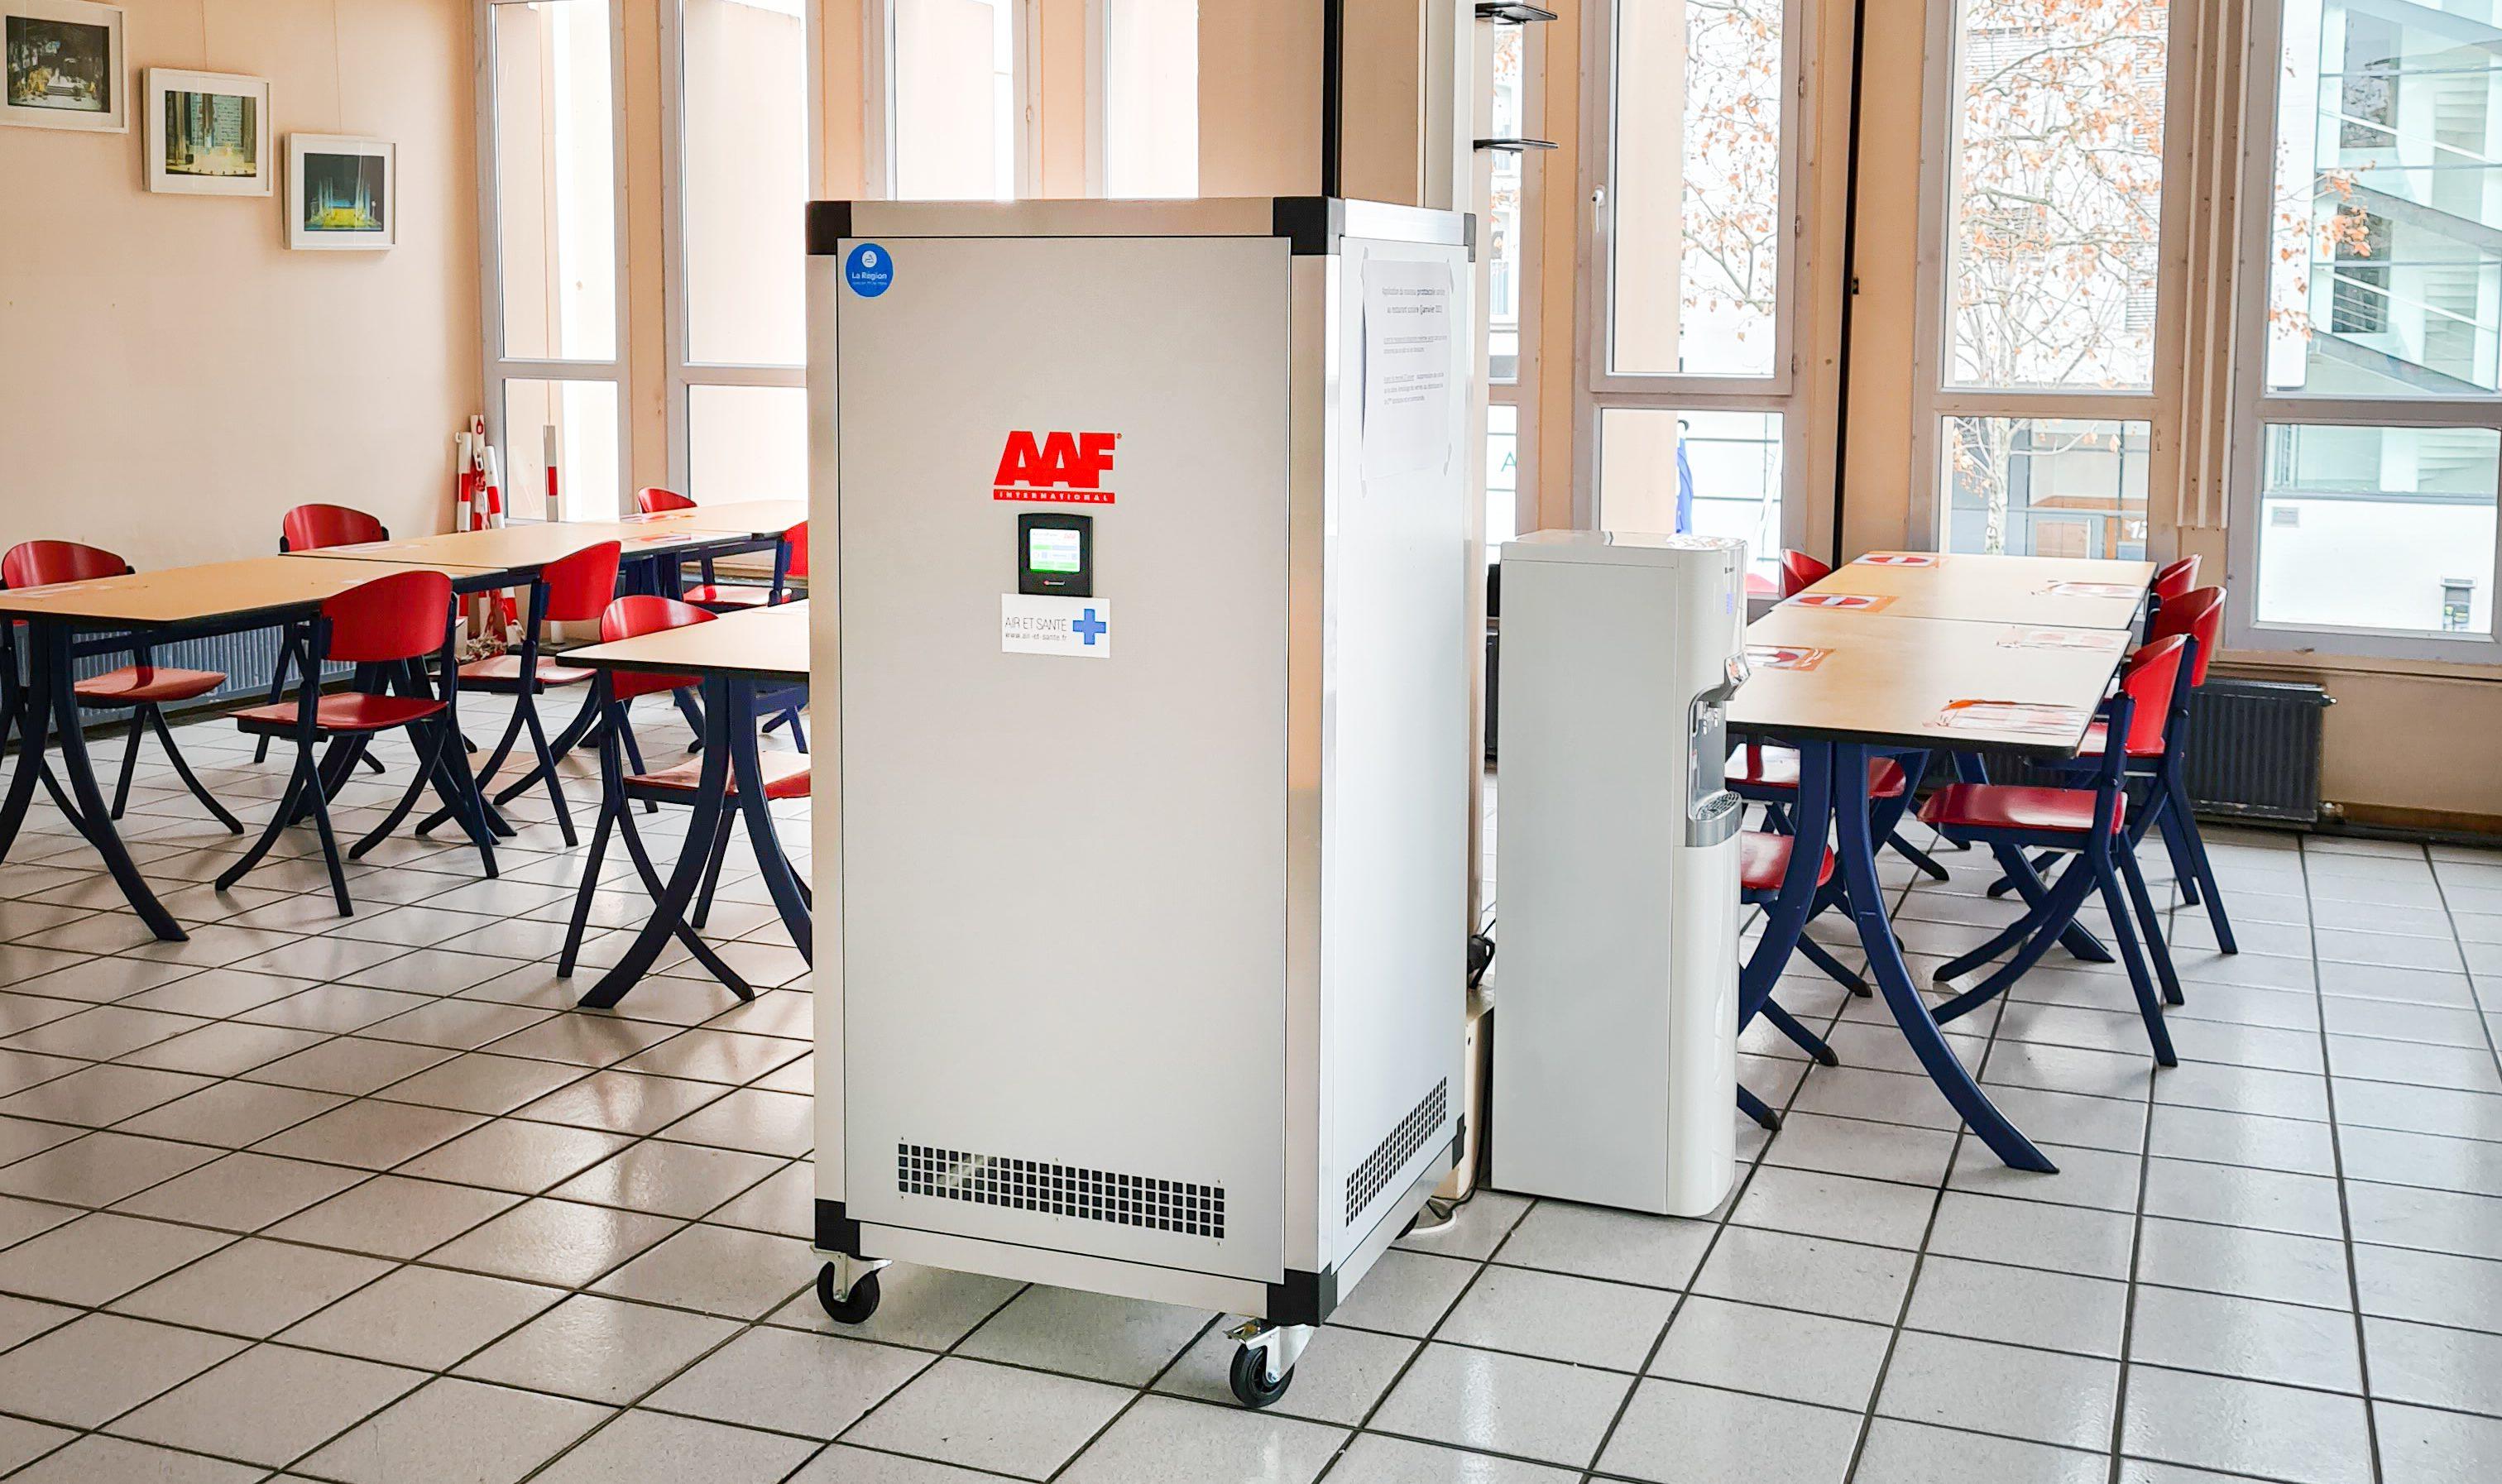 La filtration absolue AAF, une solution qui répond aux besoins de la restauration collective de la région AuRA.